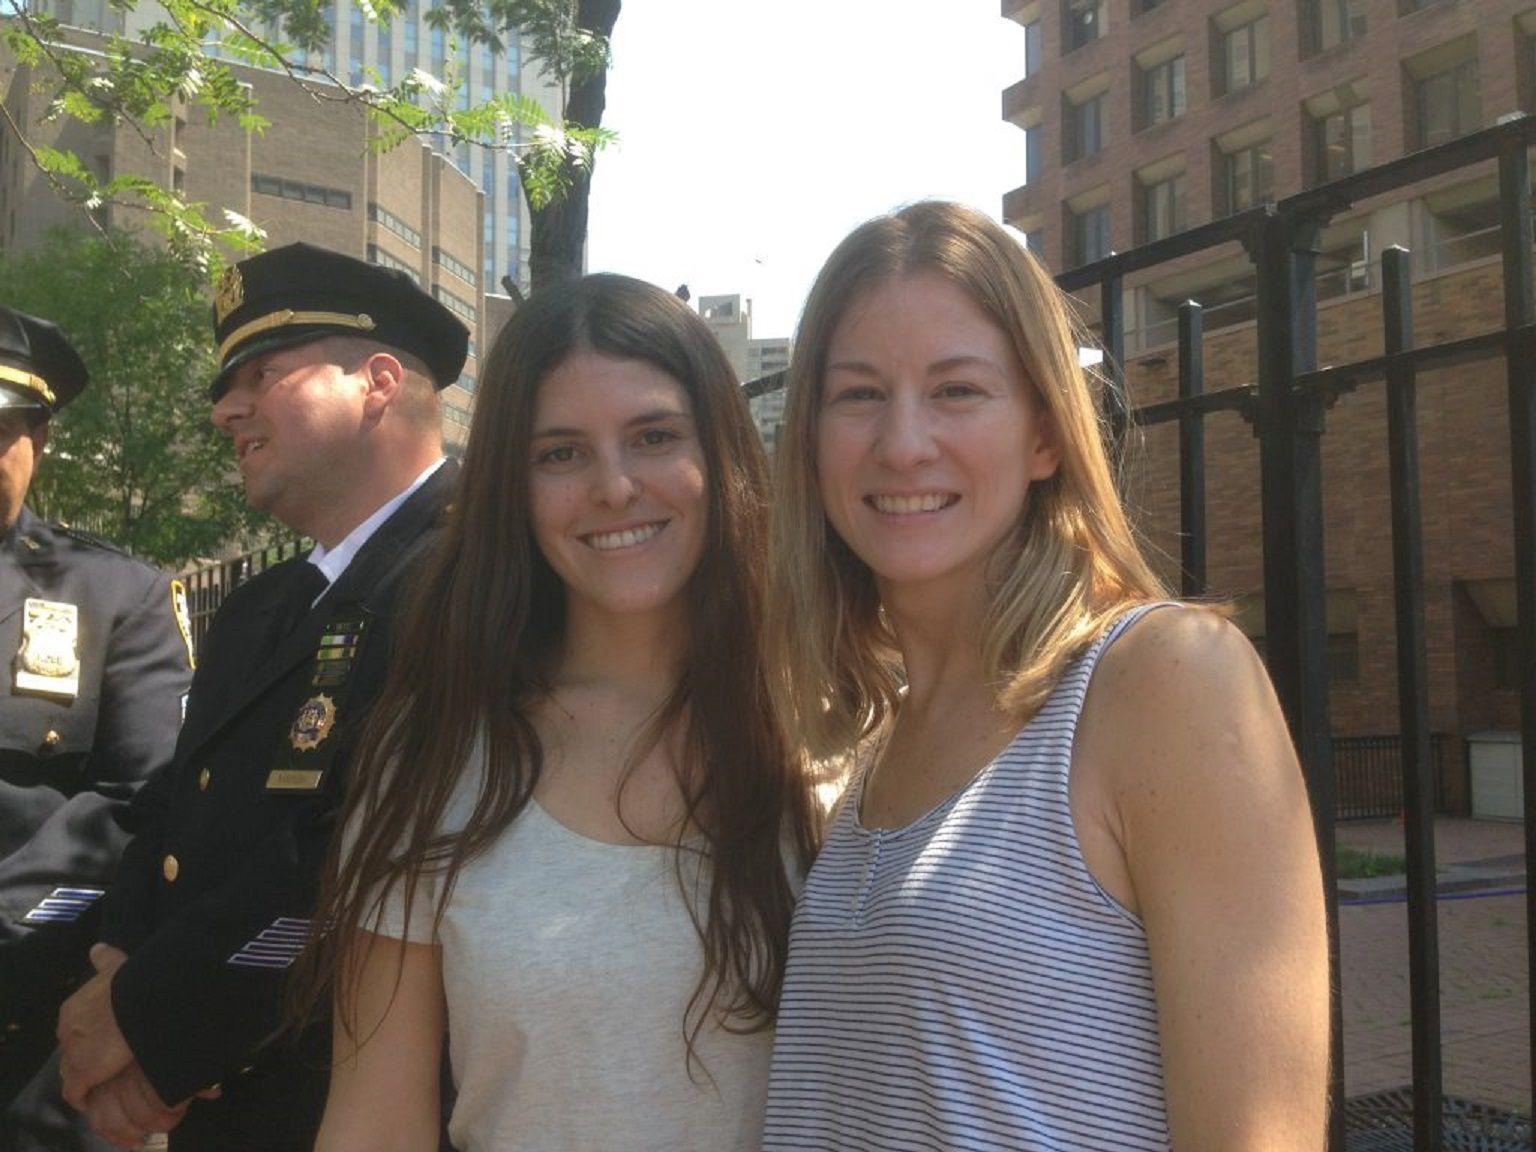 Una turista argentina olvidó 3000 dólares en el subte de Nueva York y se los devolvieron